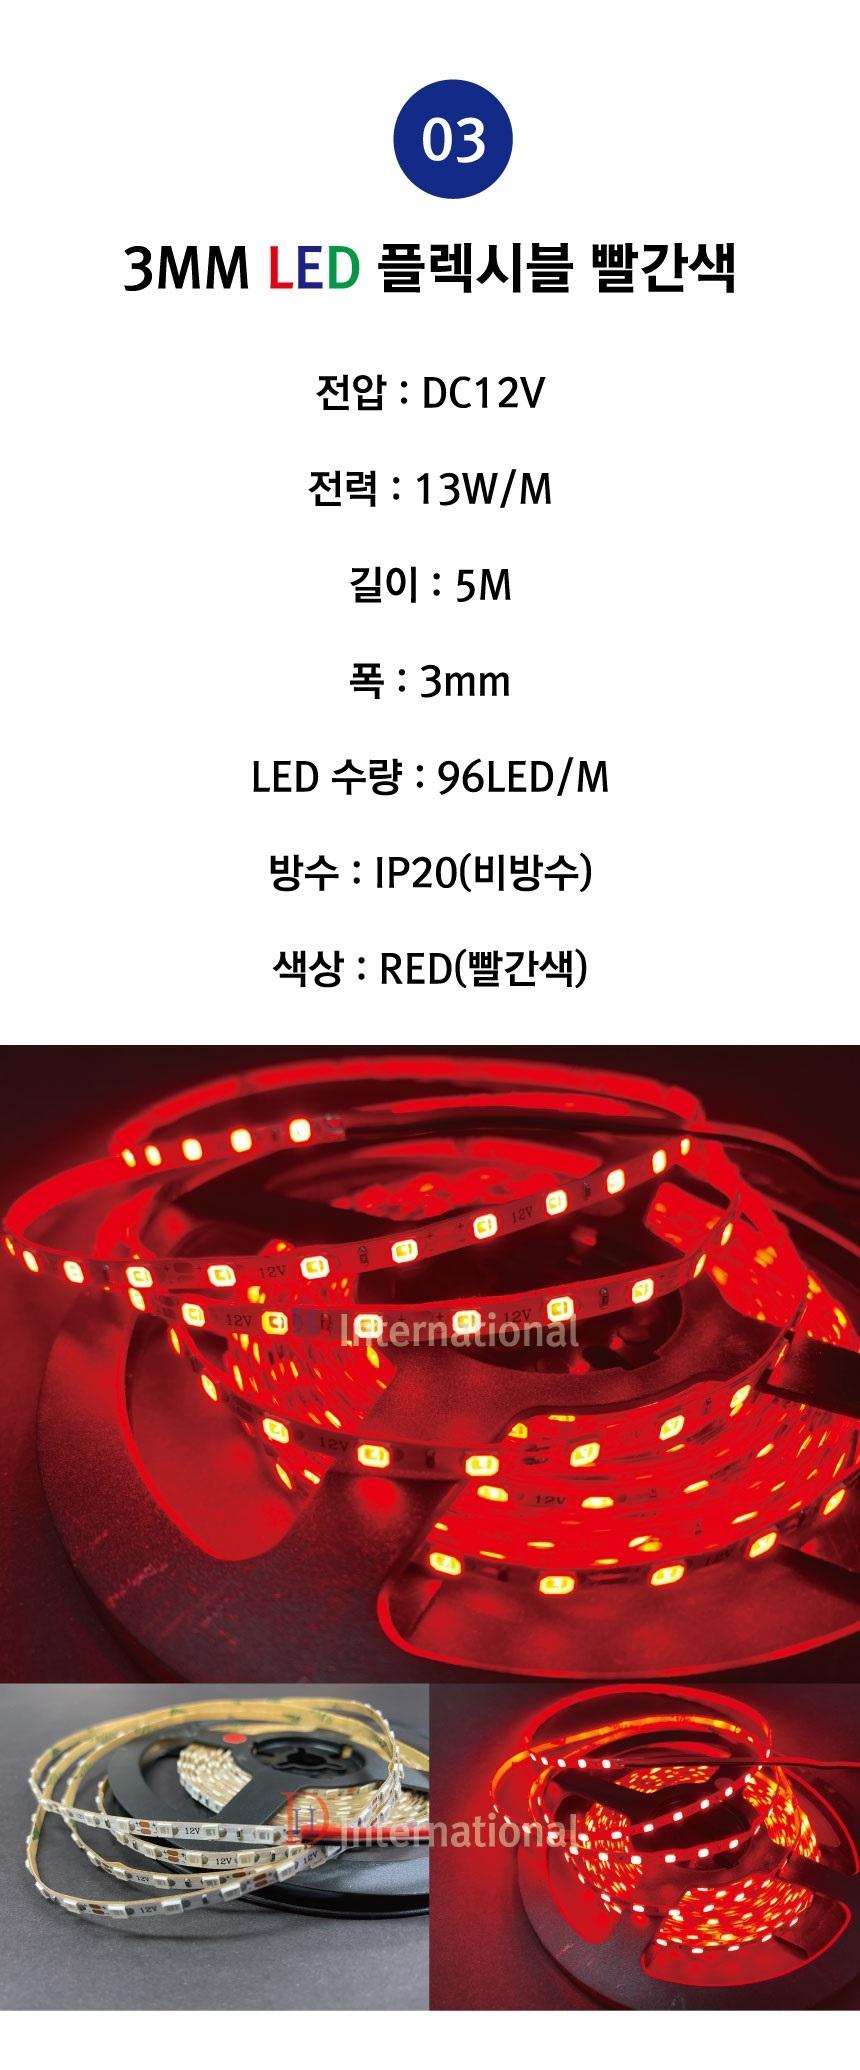 3mm-LED-STRIP-%EB%B9%A8%EA%B0%84%EC%83%8